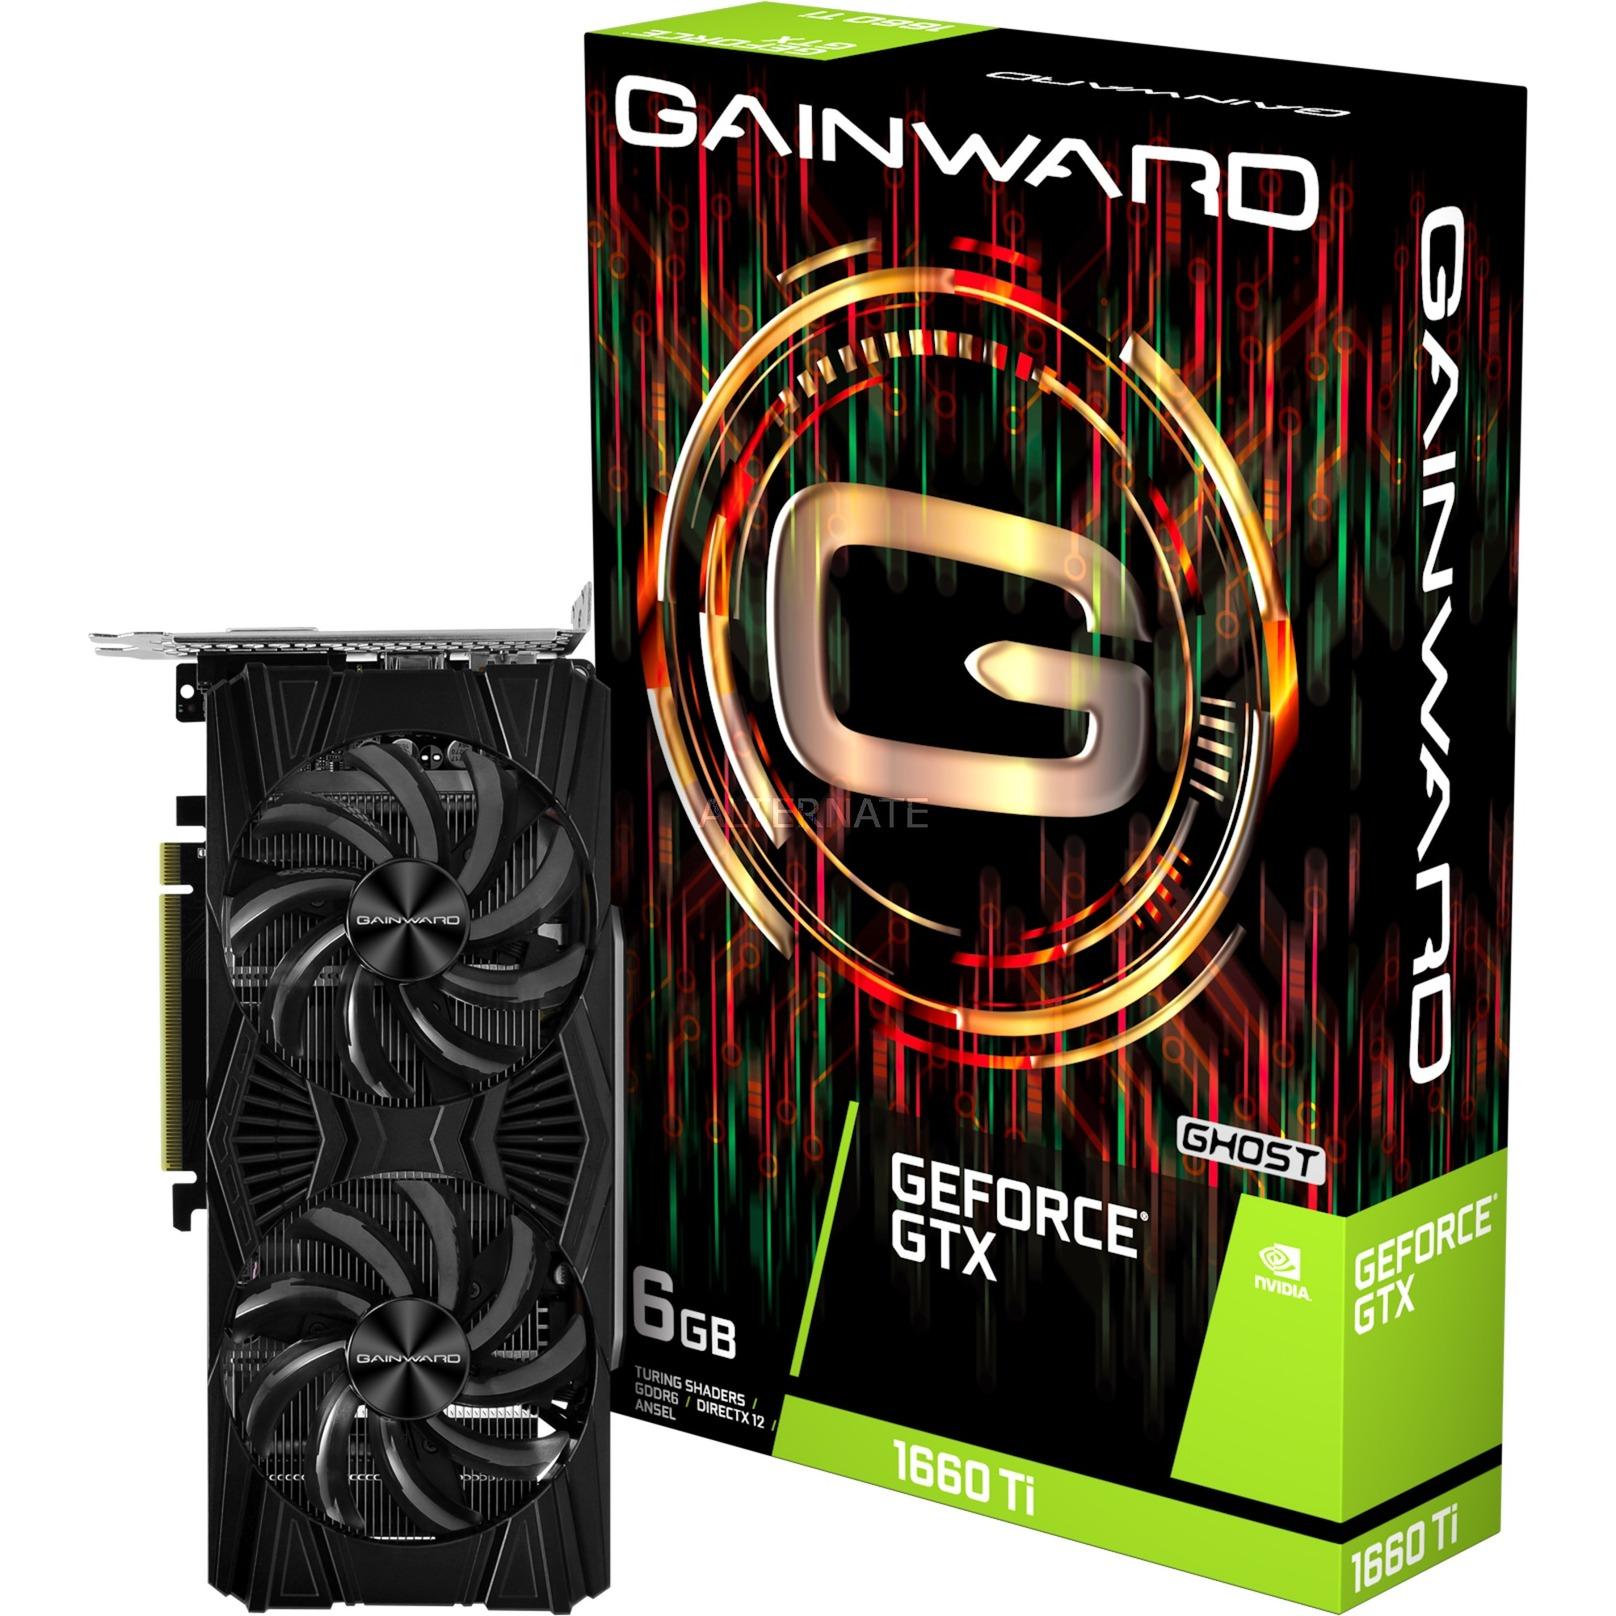 426018336-4443 GeForce GTX 1660 Ti 6 GB GDDR6, Tarjeta gráfica